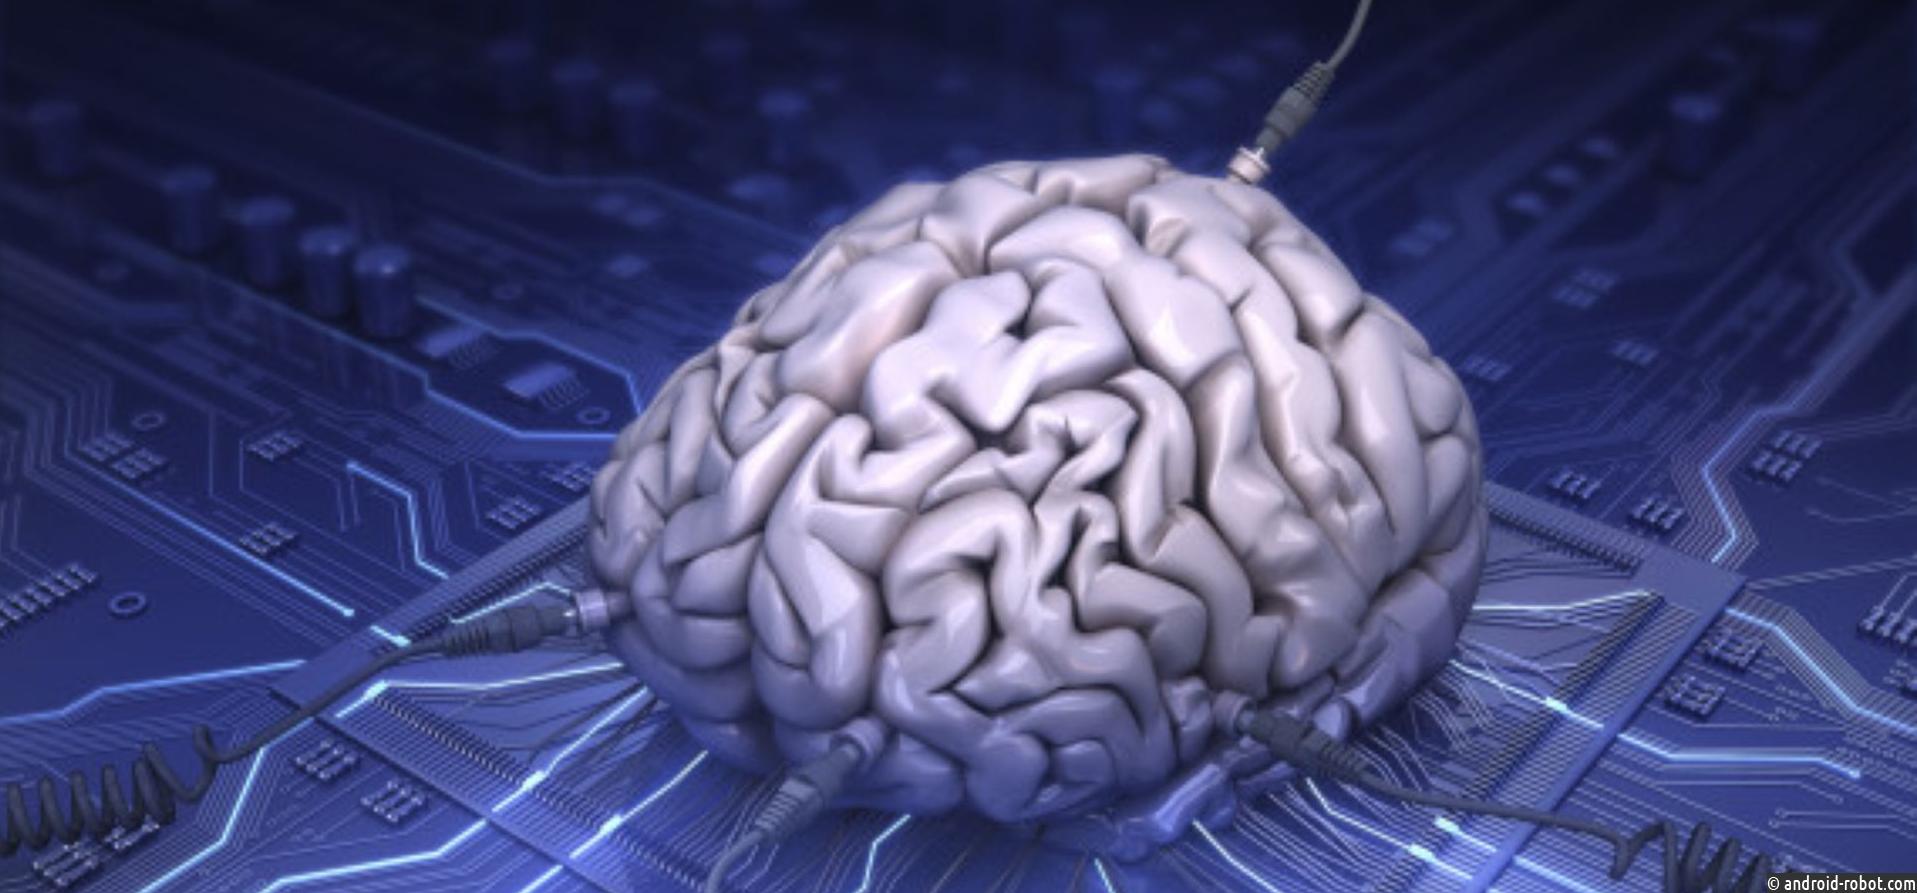 Принципы использования Искусственного Интеллекта